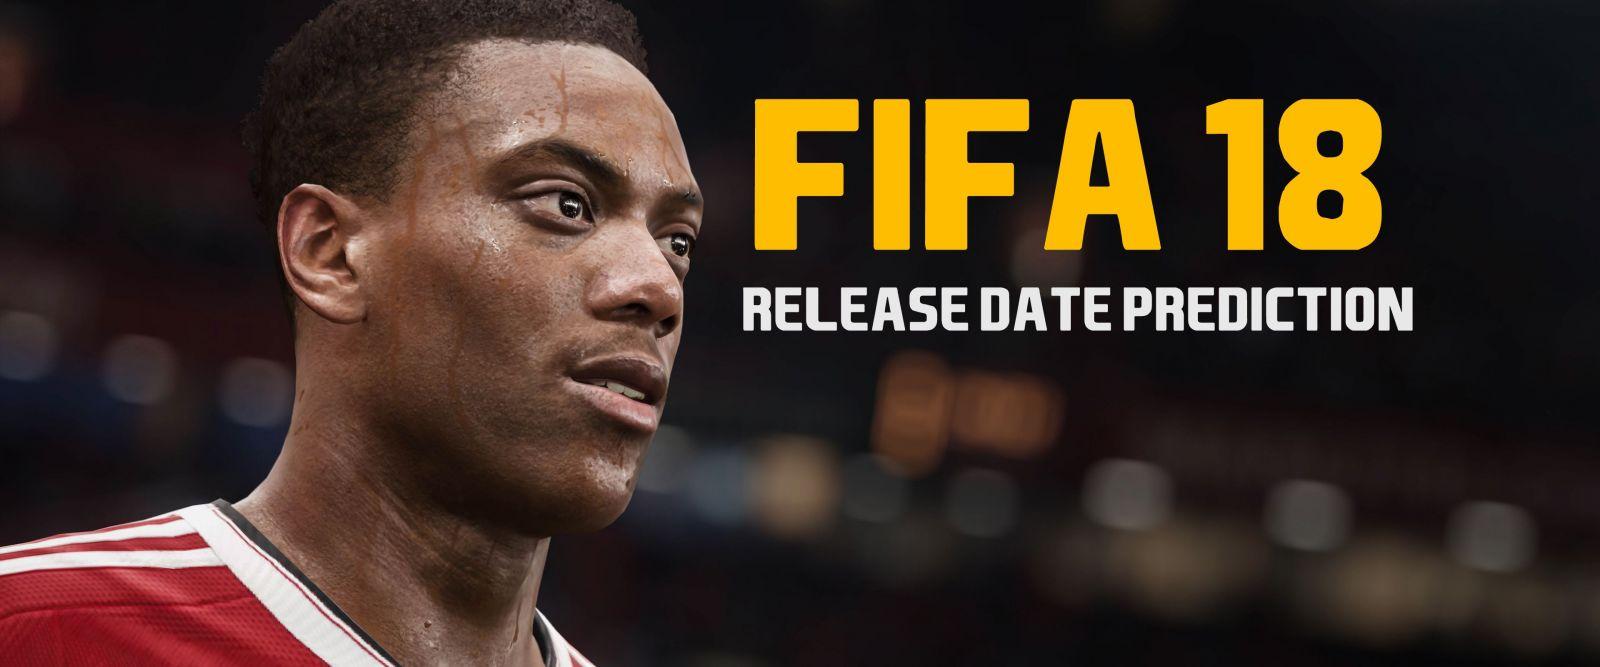 FIFA 18 Release Date Prediction